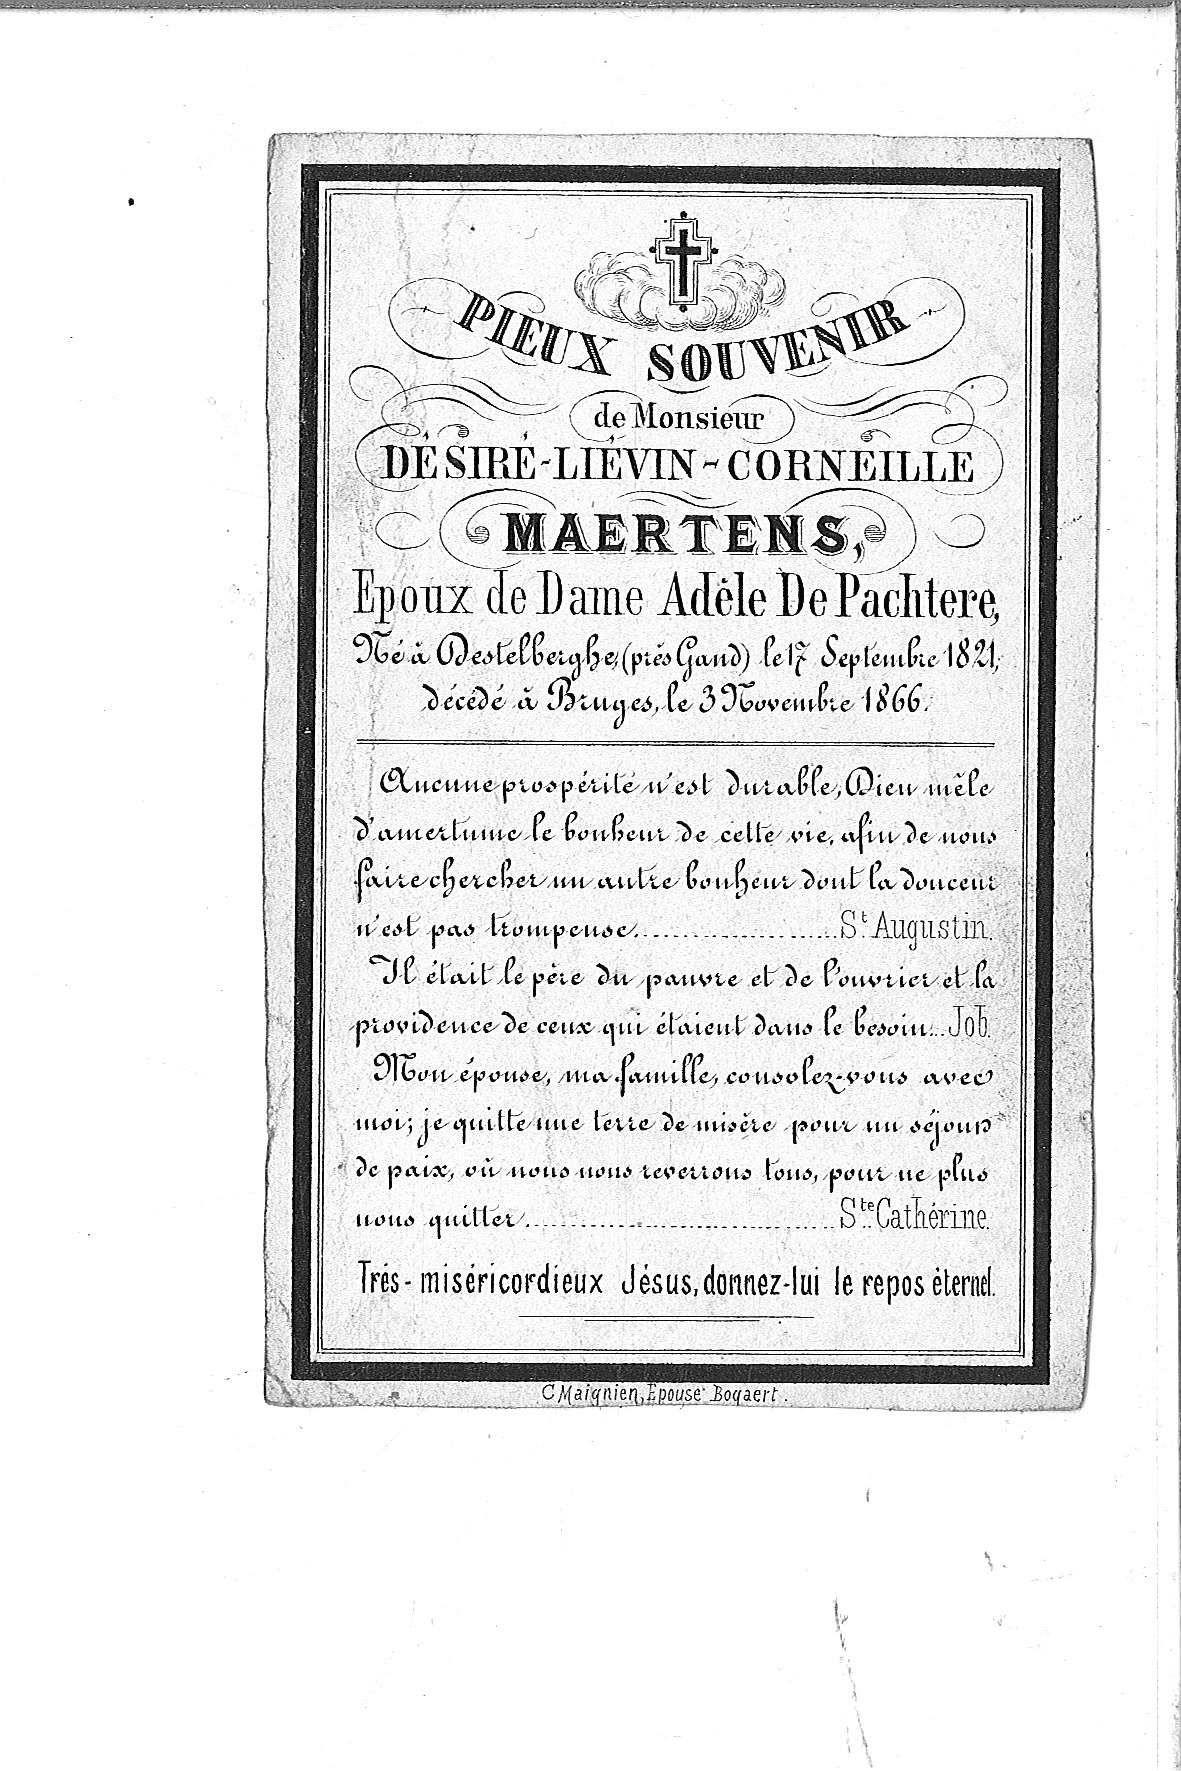 Dèsiré-Lievin-Corneille(1866).jpg